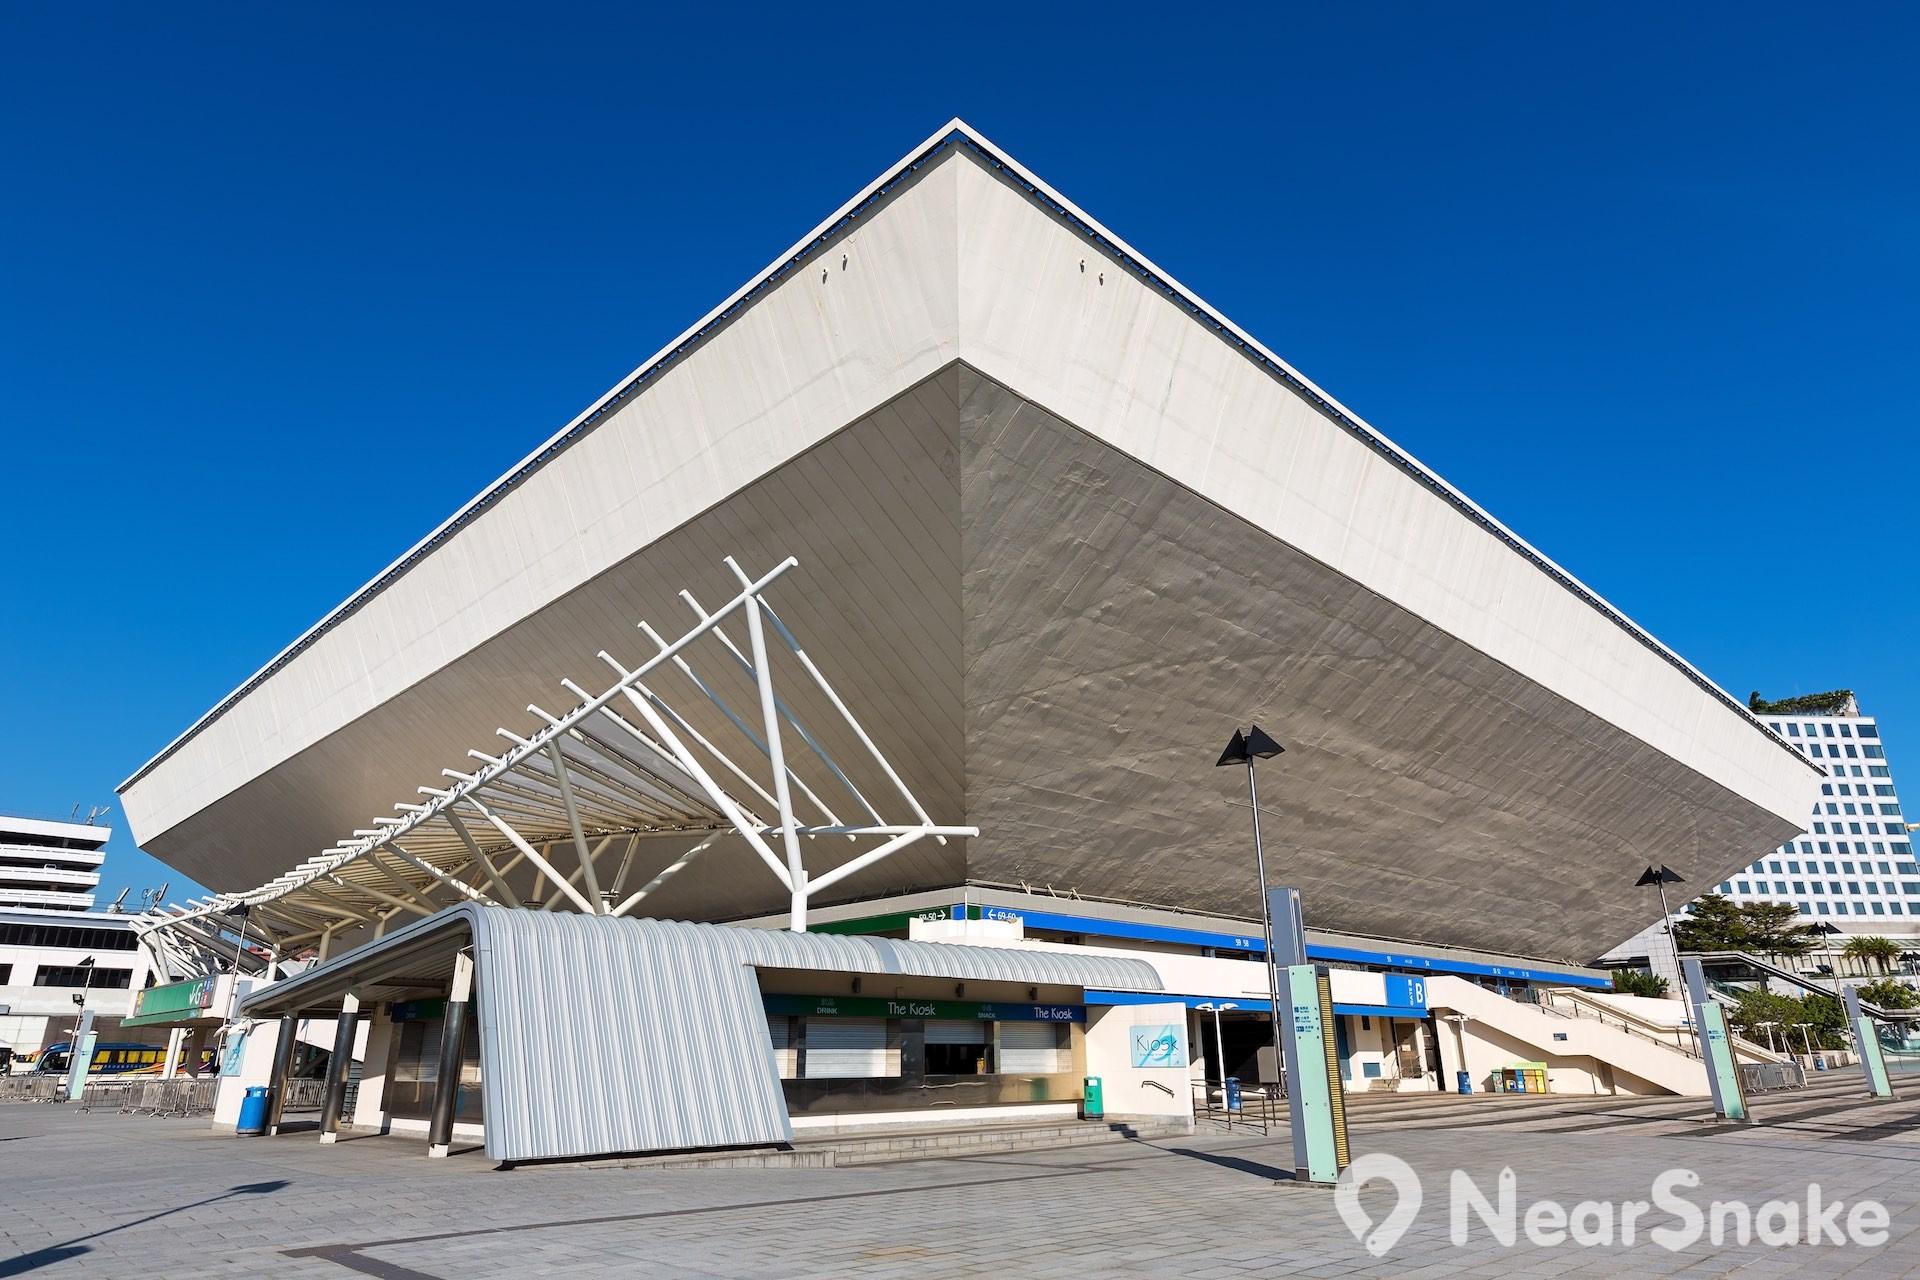 香港體育館外形上闊下窄,仿如鑽石或倒轉的金字塔,頗具特色。